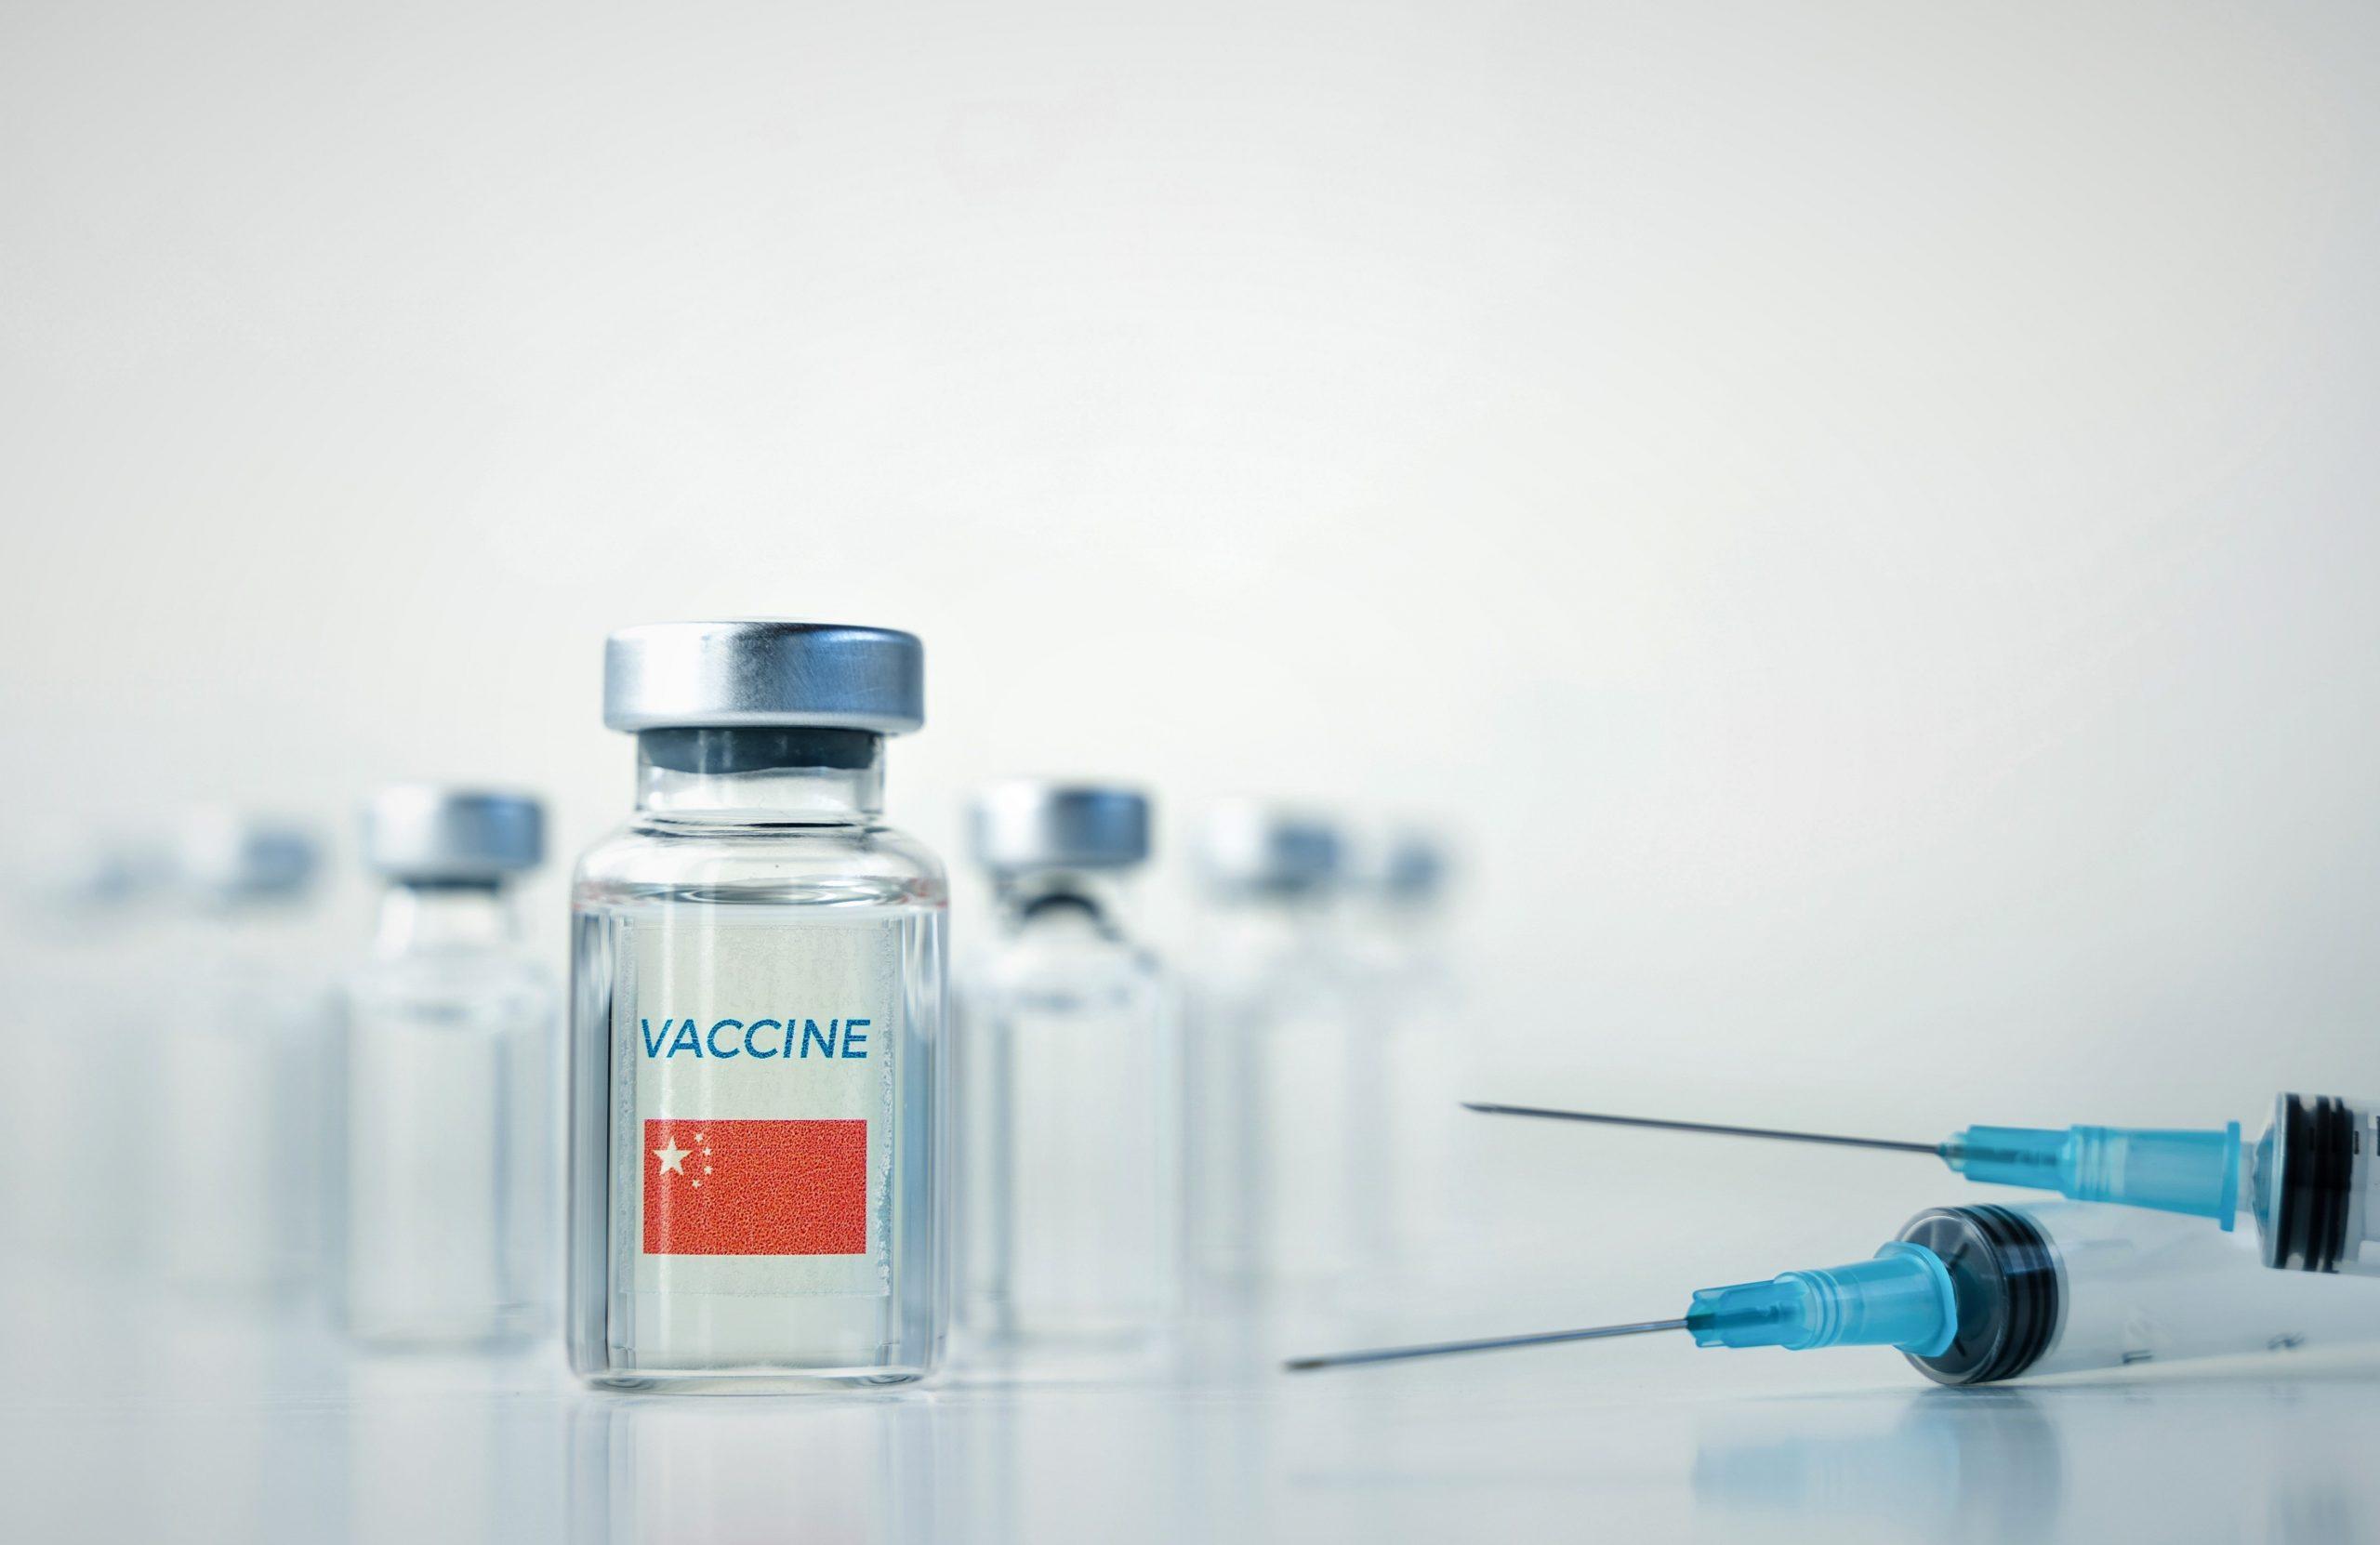 china vaccine scaled #новости Covid-19, Sinovac, вакцинация, коронавирус, коронавирус в Грузии